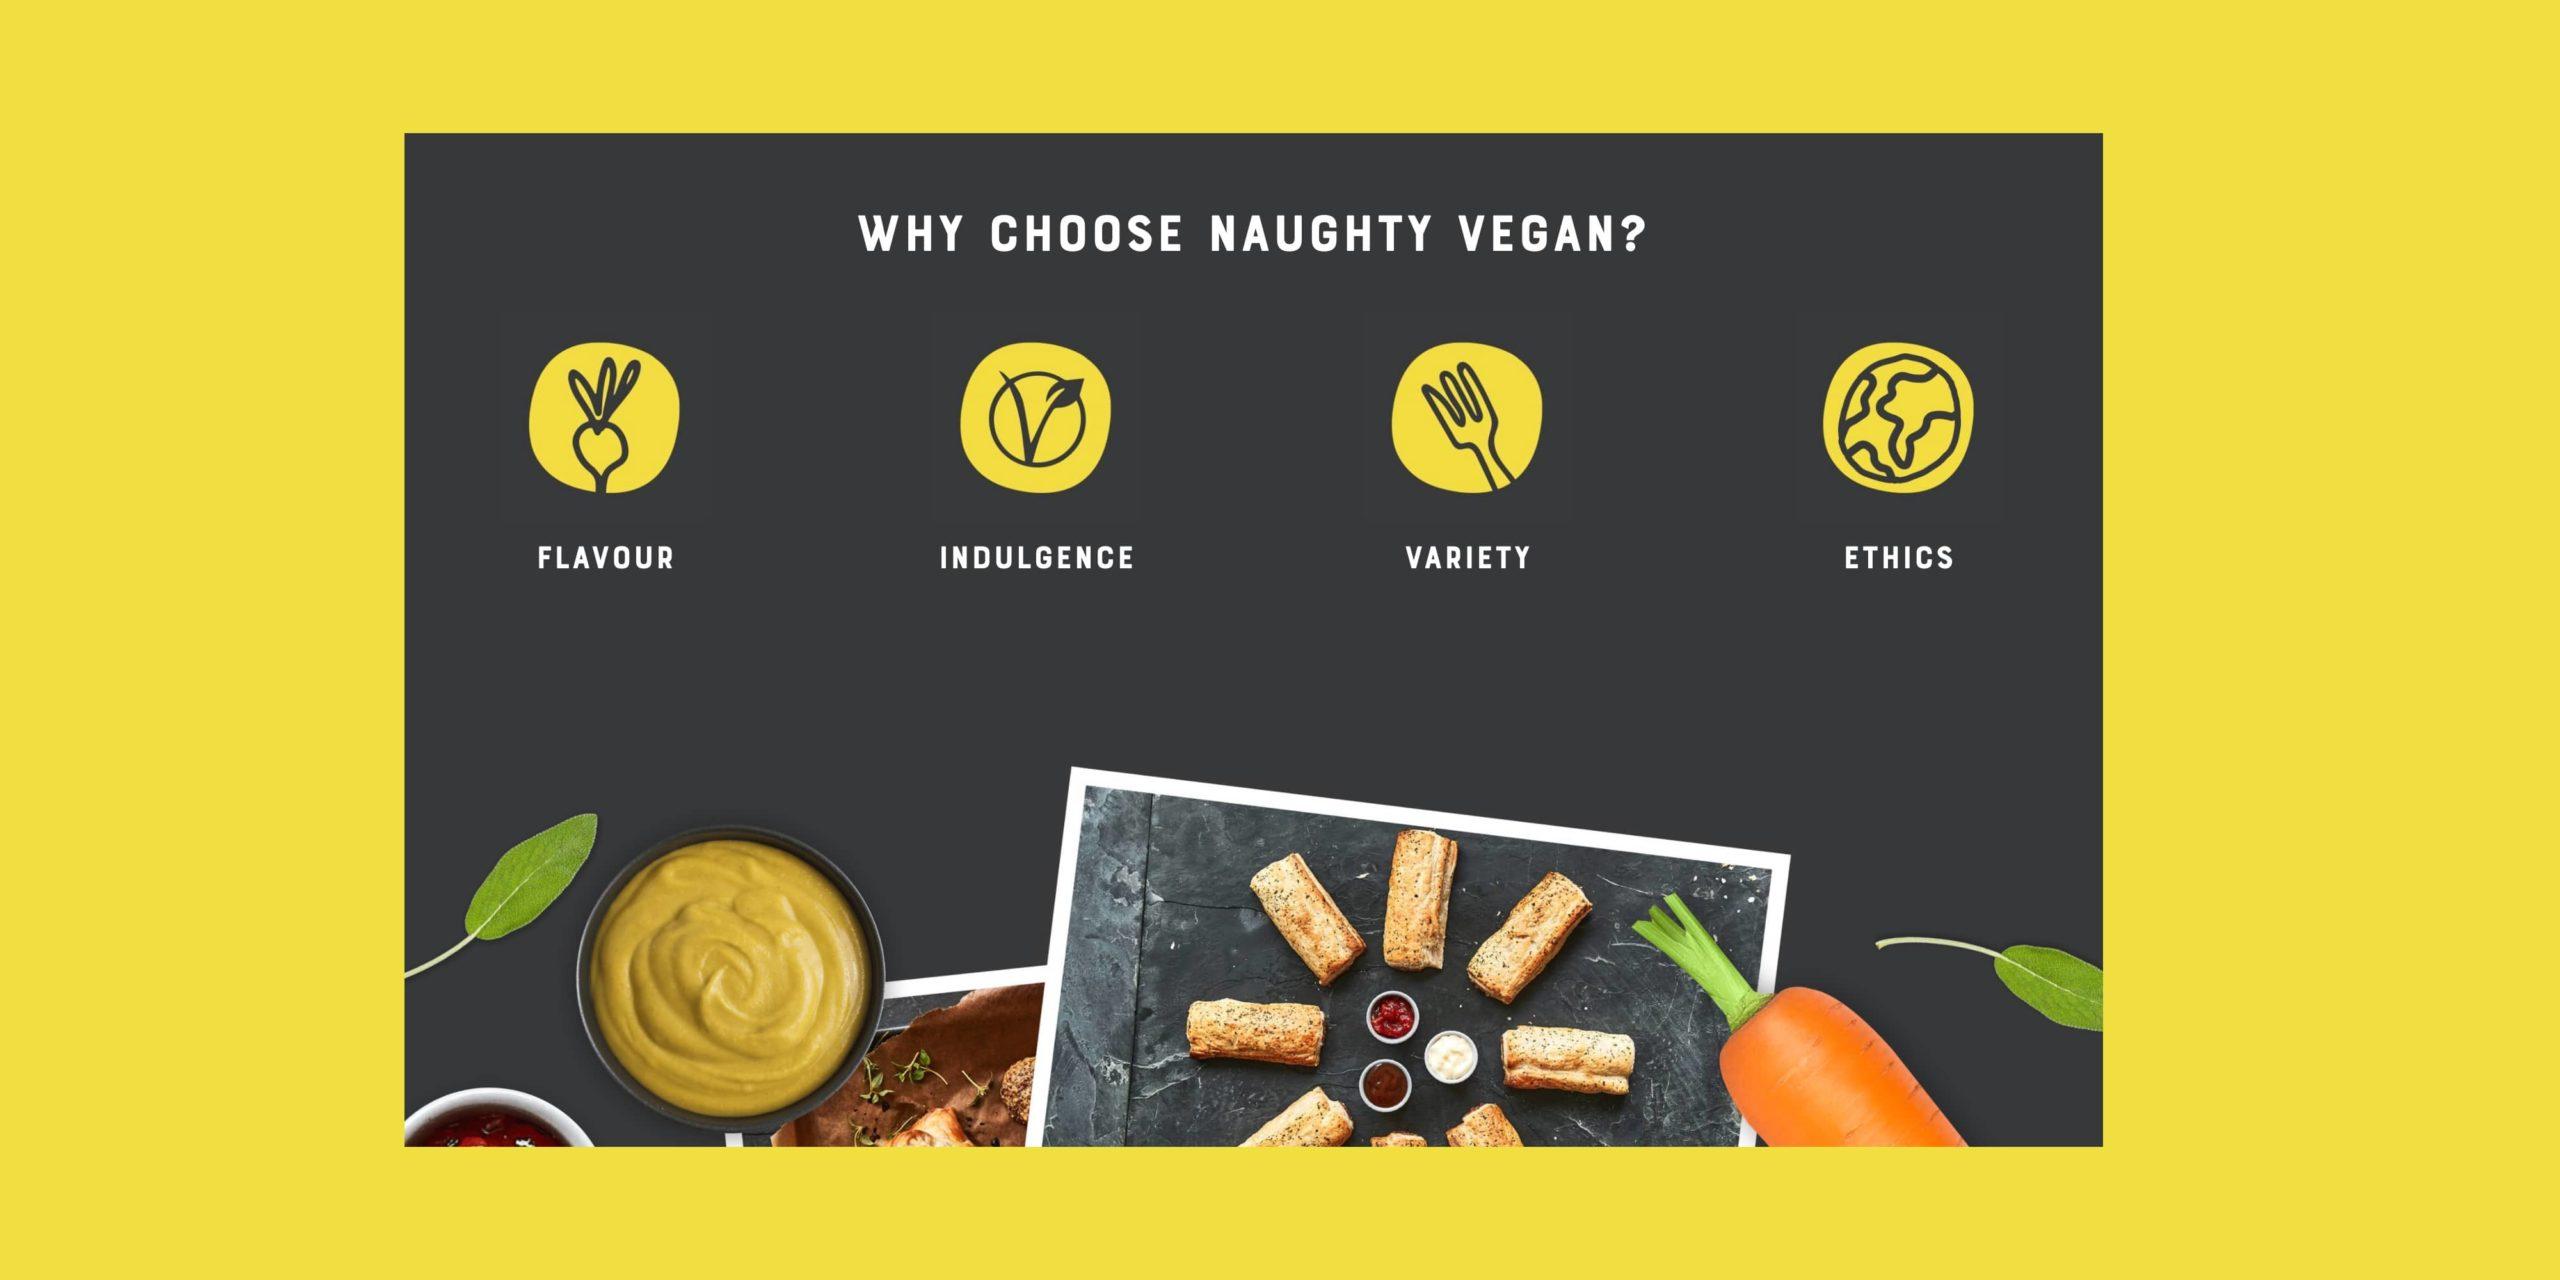 Naughty Vegan